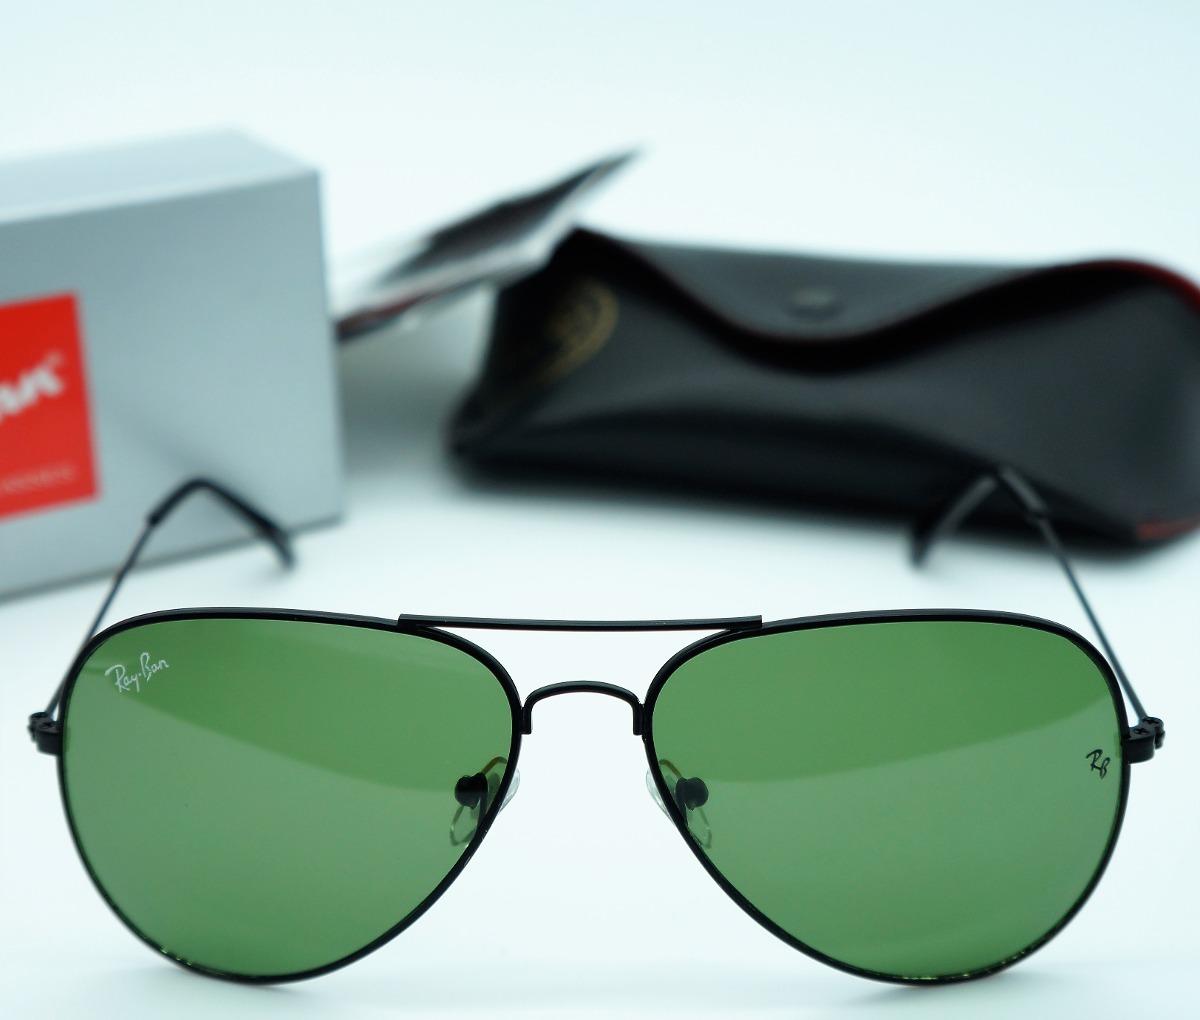 1de7b18d6e86e óculos de sol masculino feminino espelhado aviador barato. Carregando zoom.